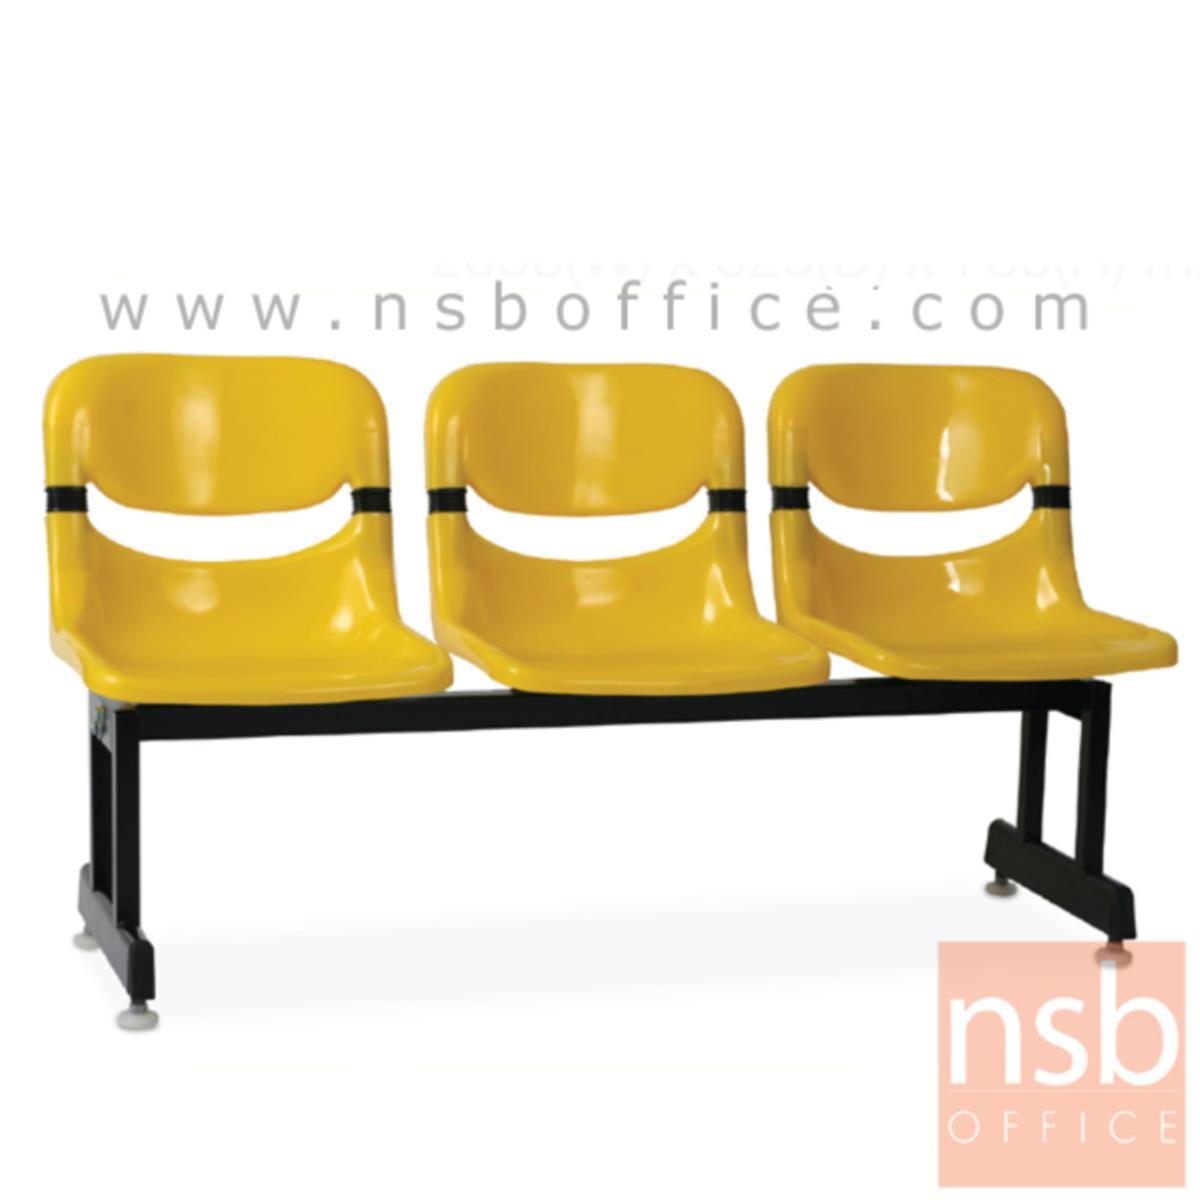 เก้าอี้นั่งคอยเฟรมโพลี่ รุ่น EX-11 2 ,3 ,4 ที่นั่ง ขนาด 100W ,155W ,200W cm. ขาเหล็ก